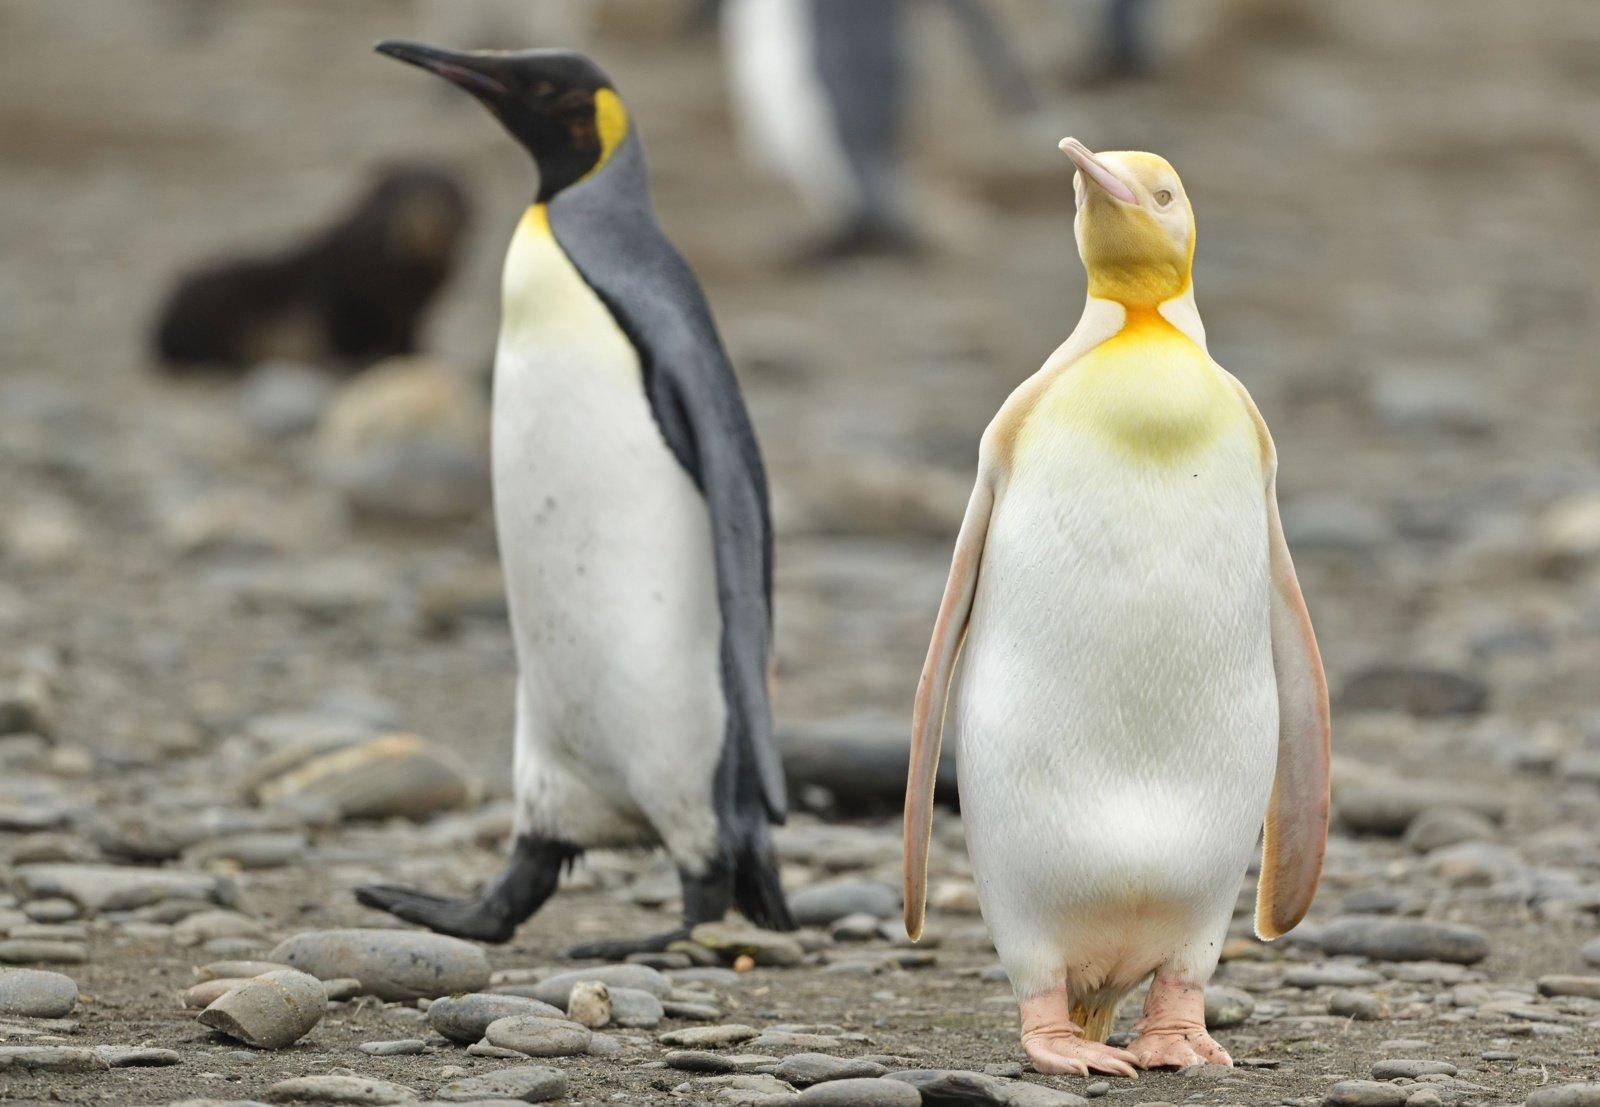 Stebinanti gamta: užfiksuotas niekada anksčiau neregėtas geltonas pingvinas